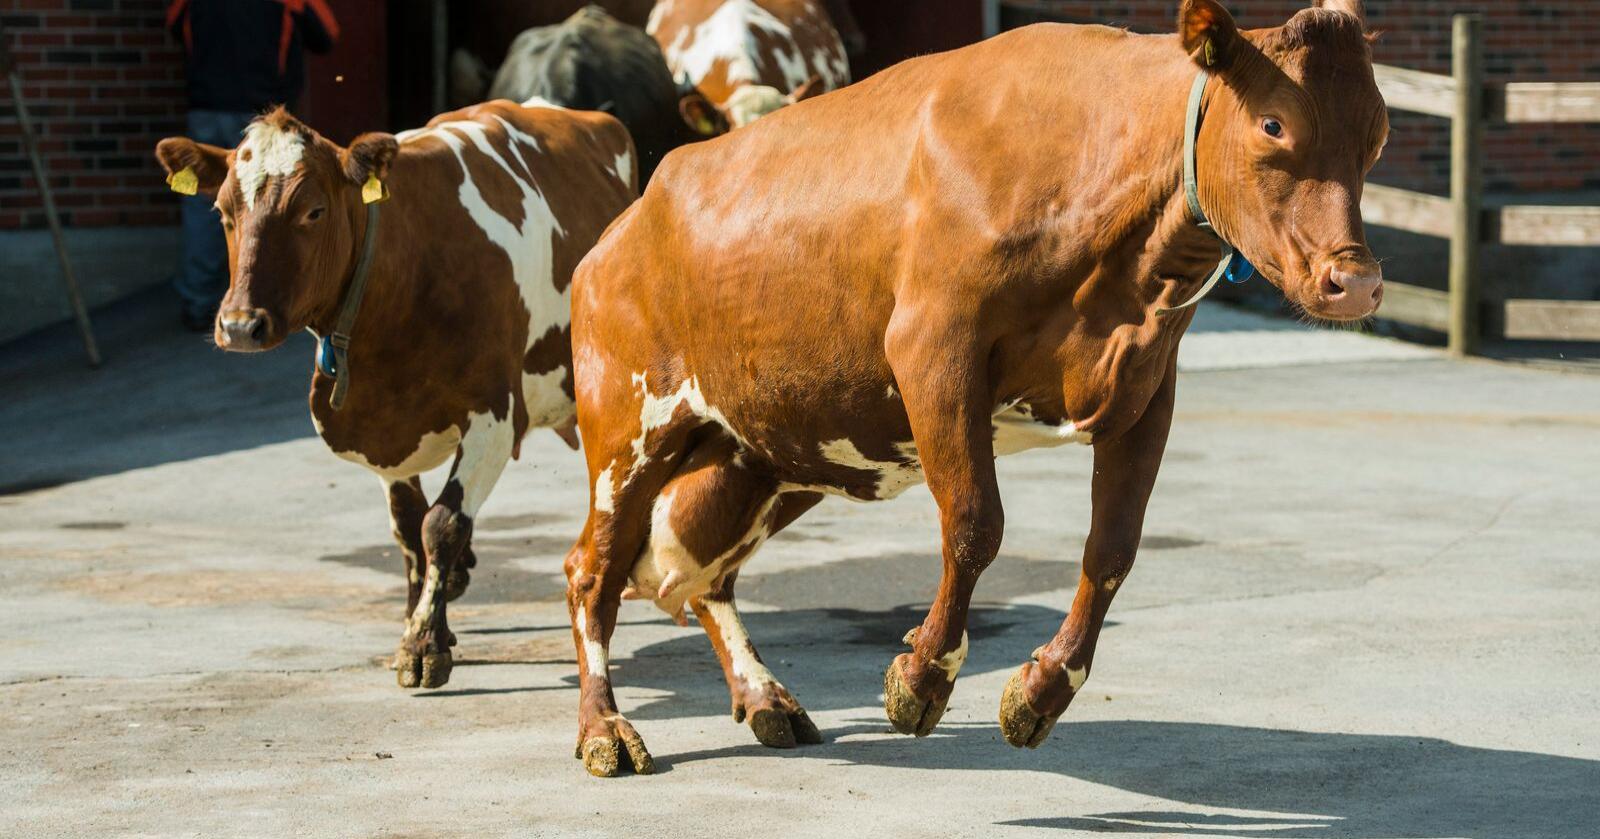 EMB mener EU-kommisjonen umiddelbart må begynne å forberede en koordinert ordning for reduksjon av produksjonsvolum av melk. Foto: Fredrik Varfjell / NTB scanpix